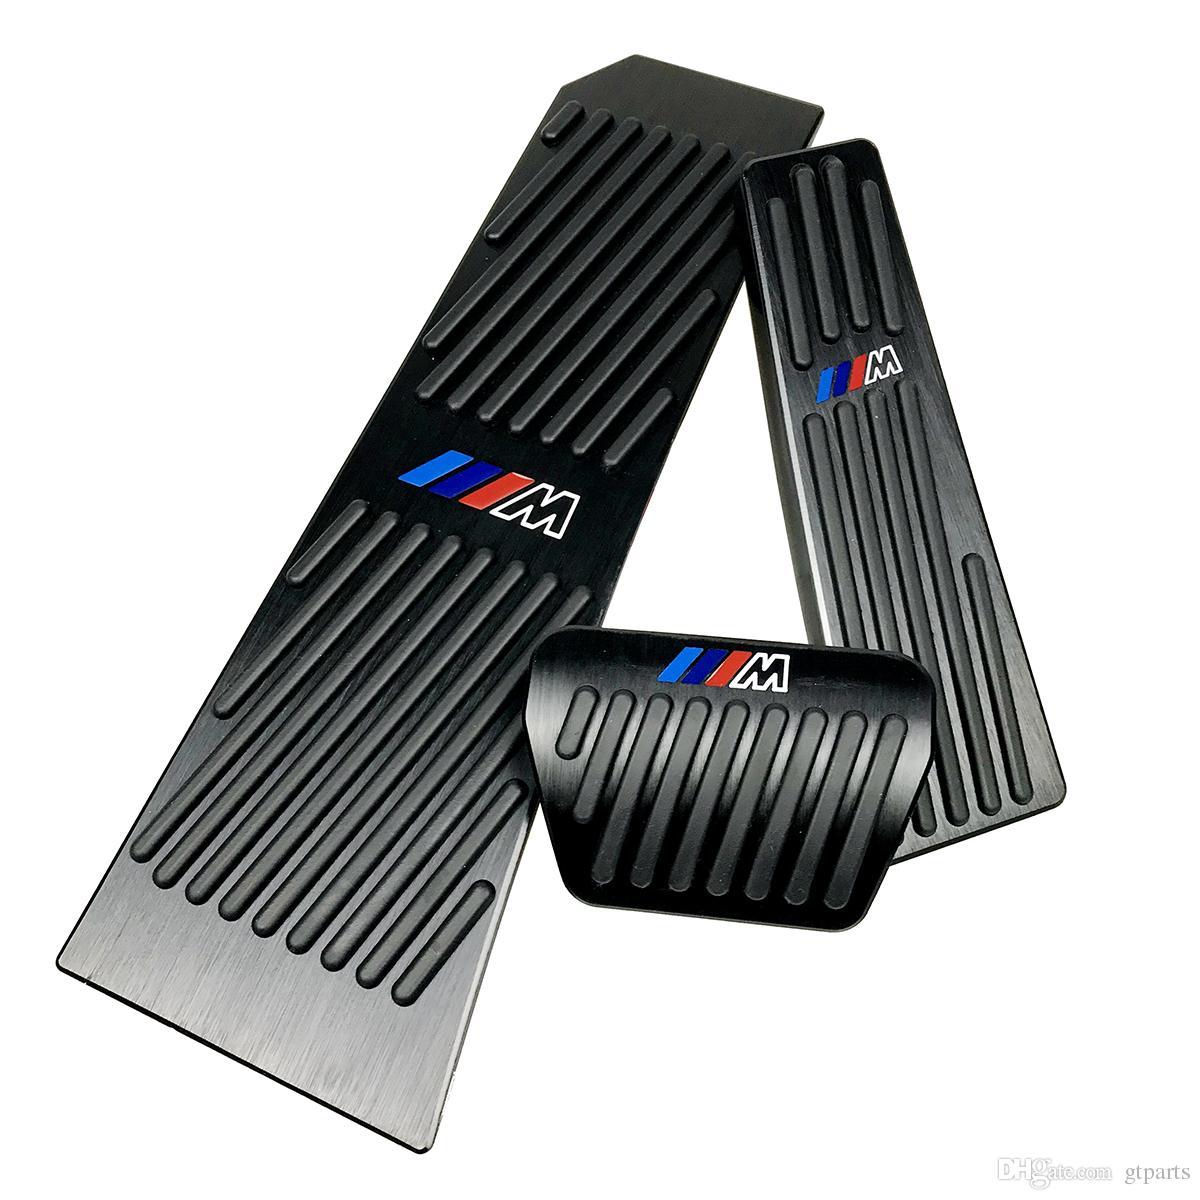 BMW 뉴 5 6 7 시리즈 GT 투어링 X3 X4 Z4 블랙에 대한 드릴 가스 브레이크 발판 페달 플레이트 패드 블랙 알루미늄 합금 발판 가스 브레이크 페달